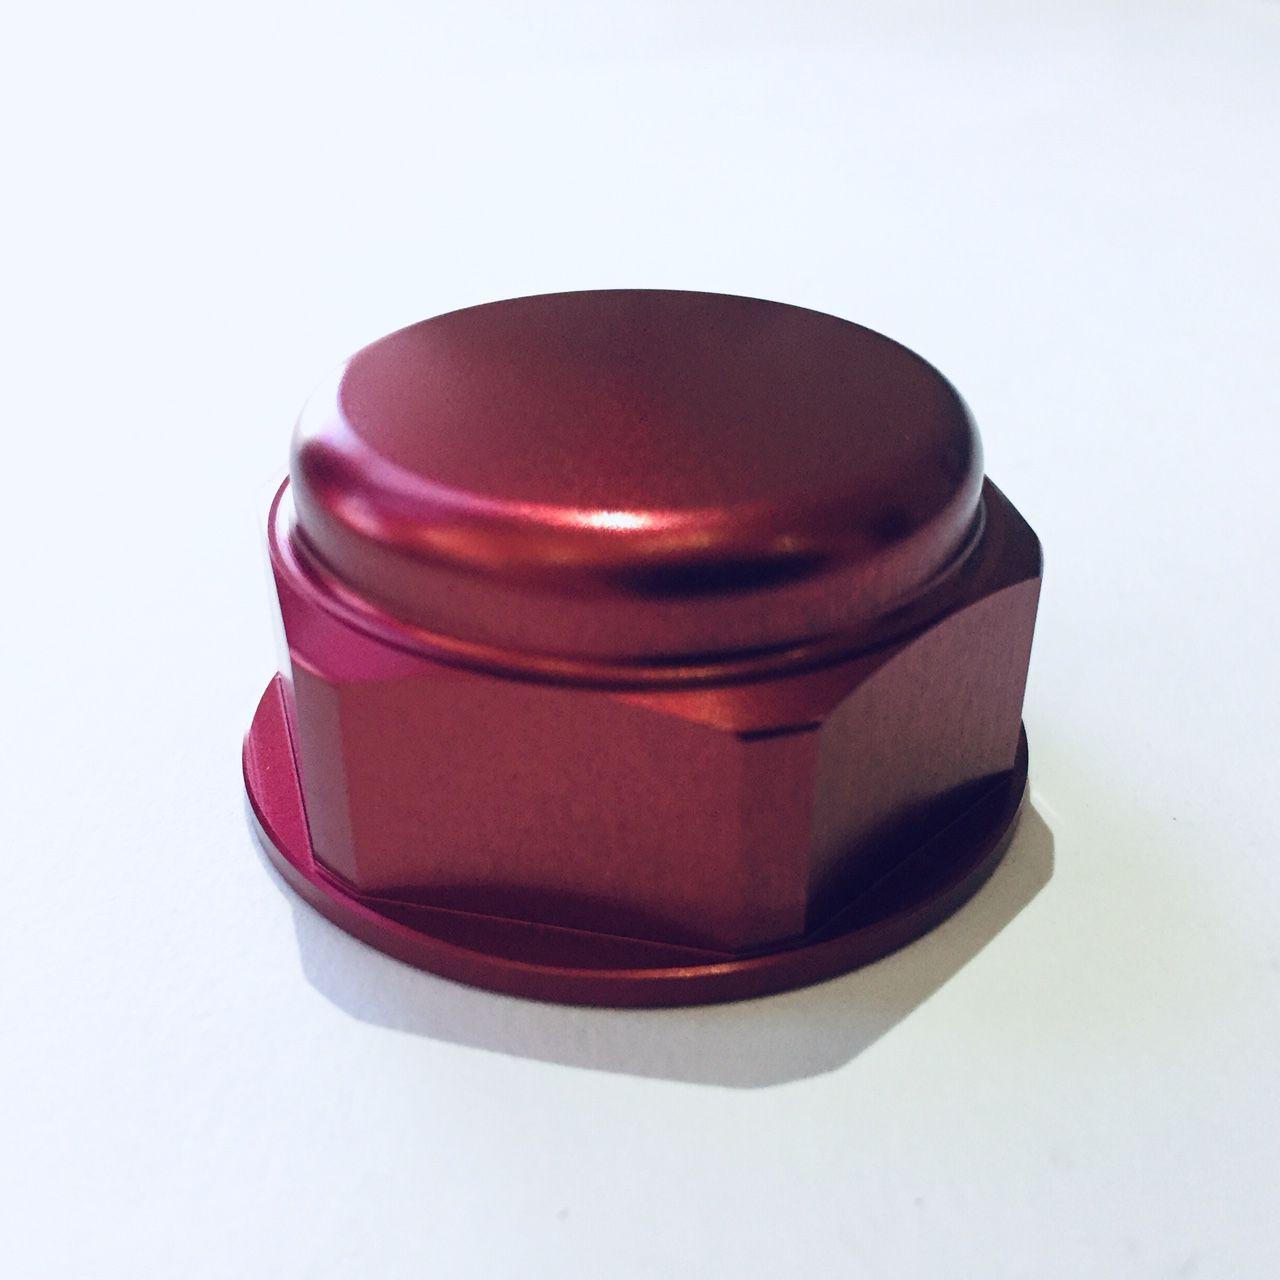 Porca central da mesa 28mm x 1.00mm Fechada Vermelho